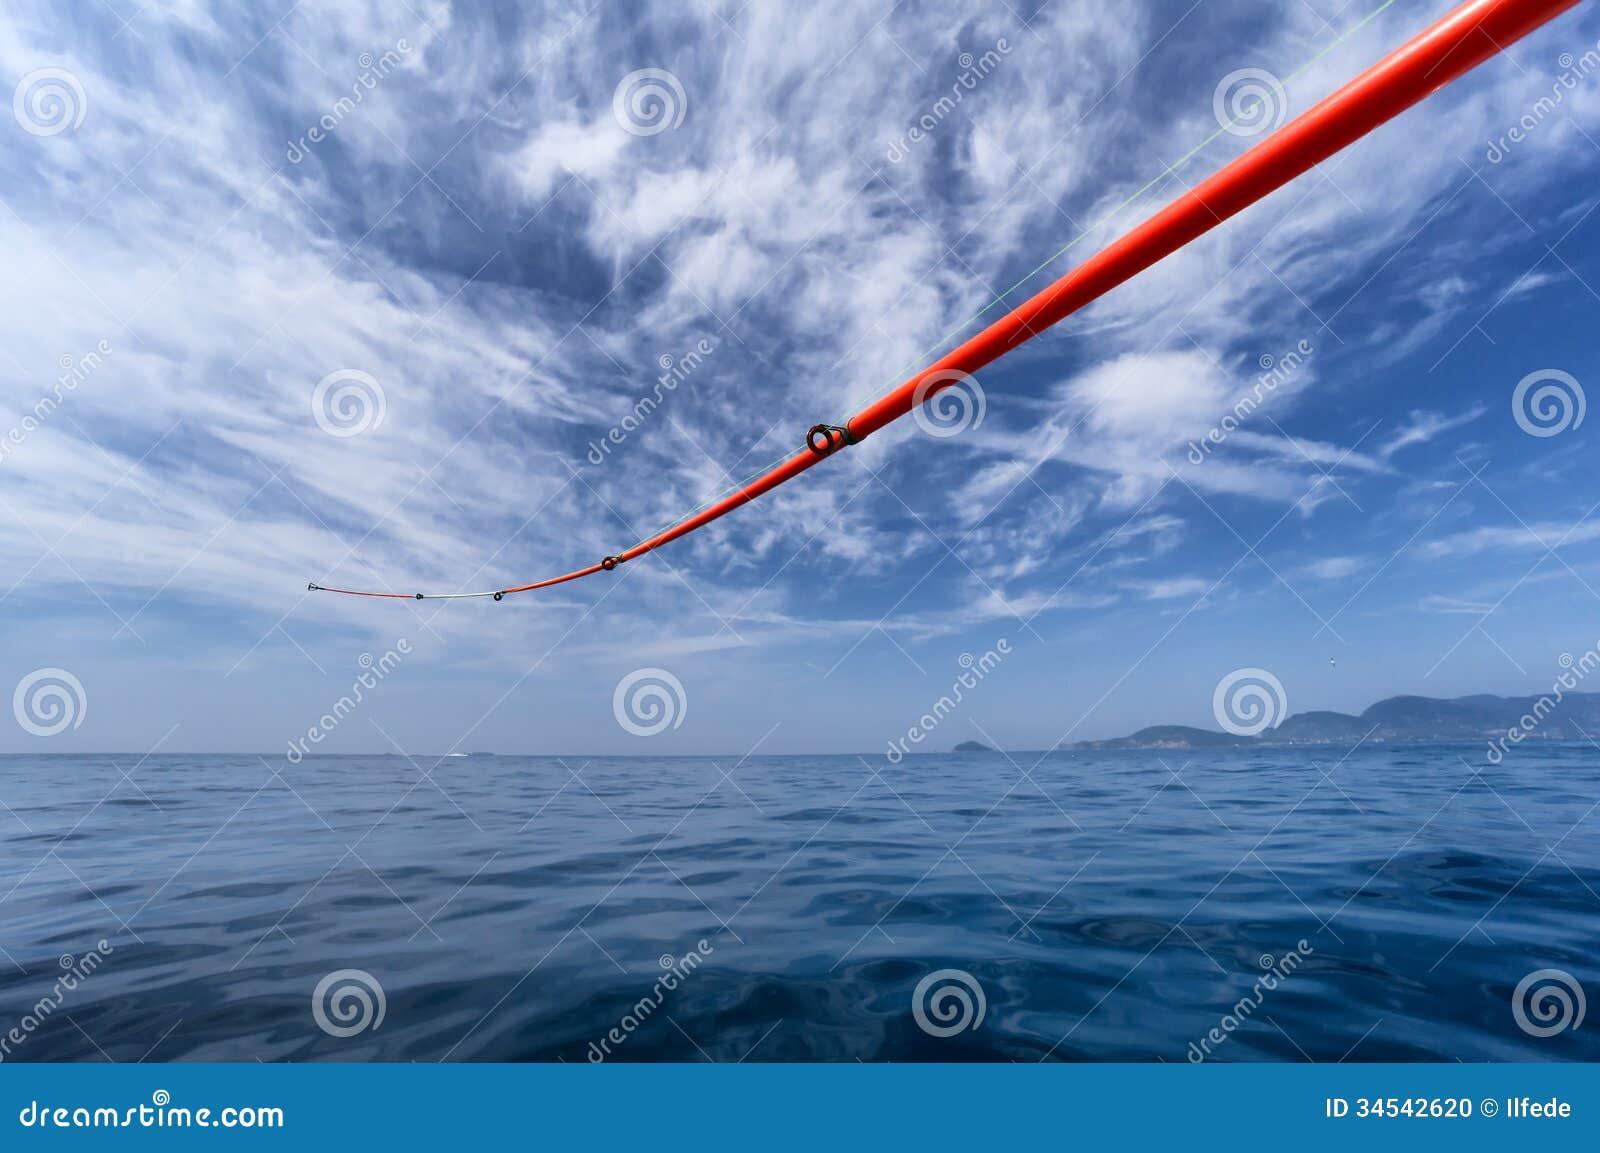 Canna da pesca contro il mare ed il cielo